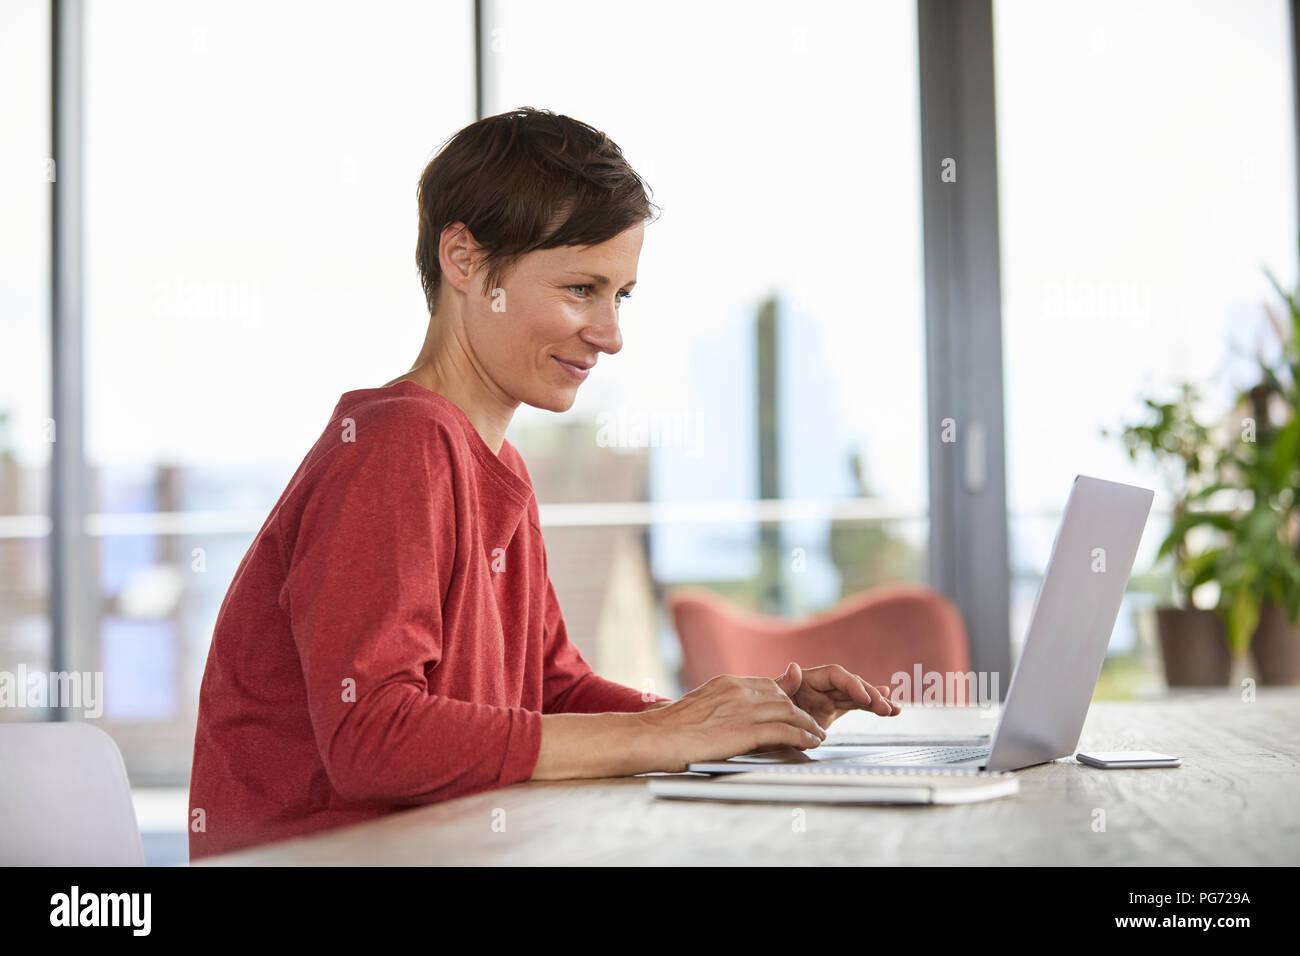 Donna sorridente seduta a tavola a casa utilizzando laptop Immagini Stock